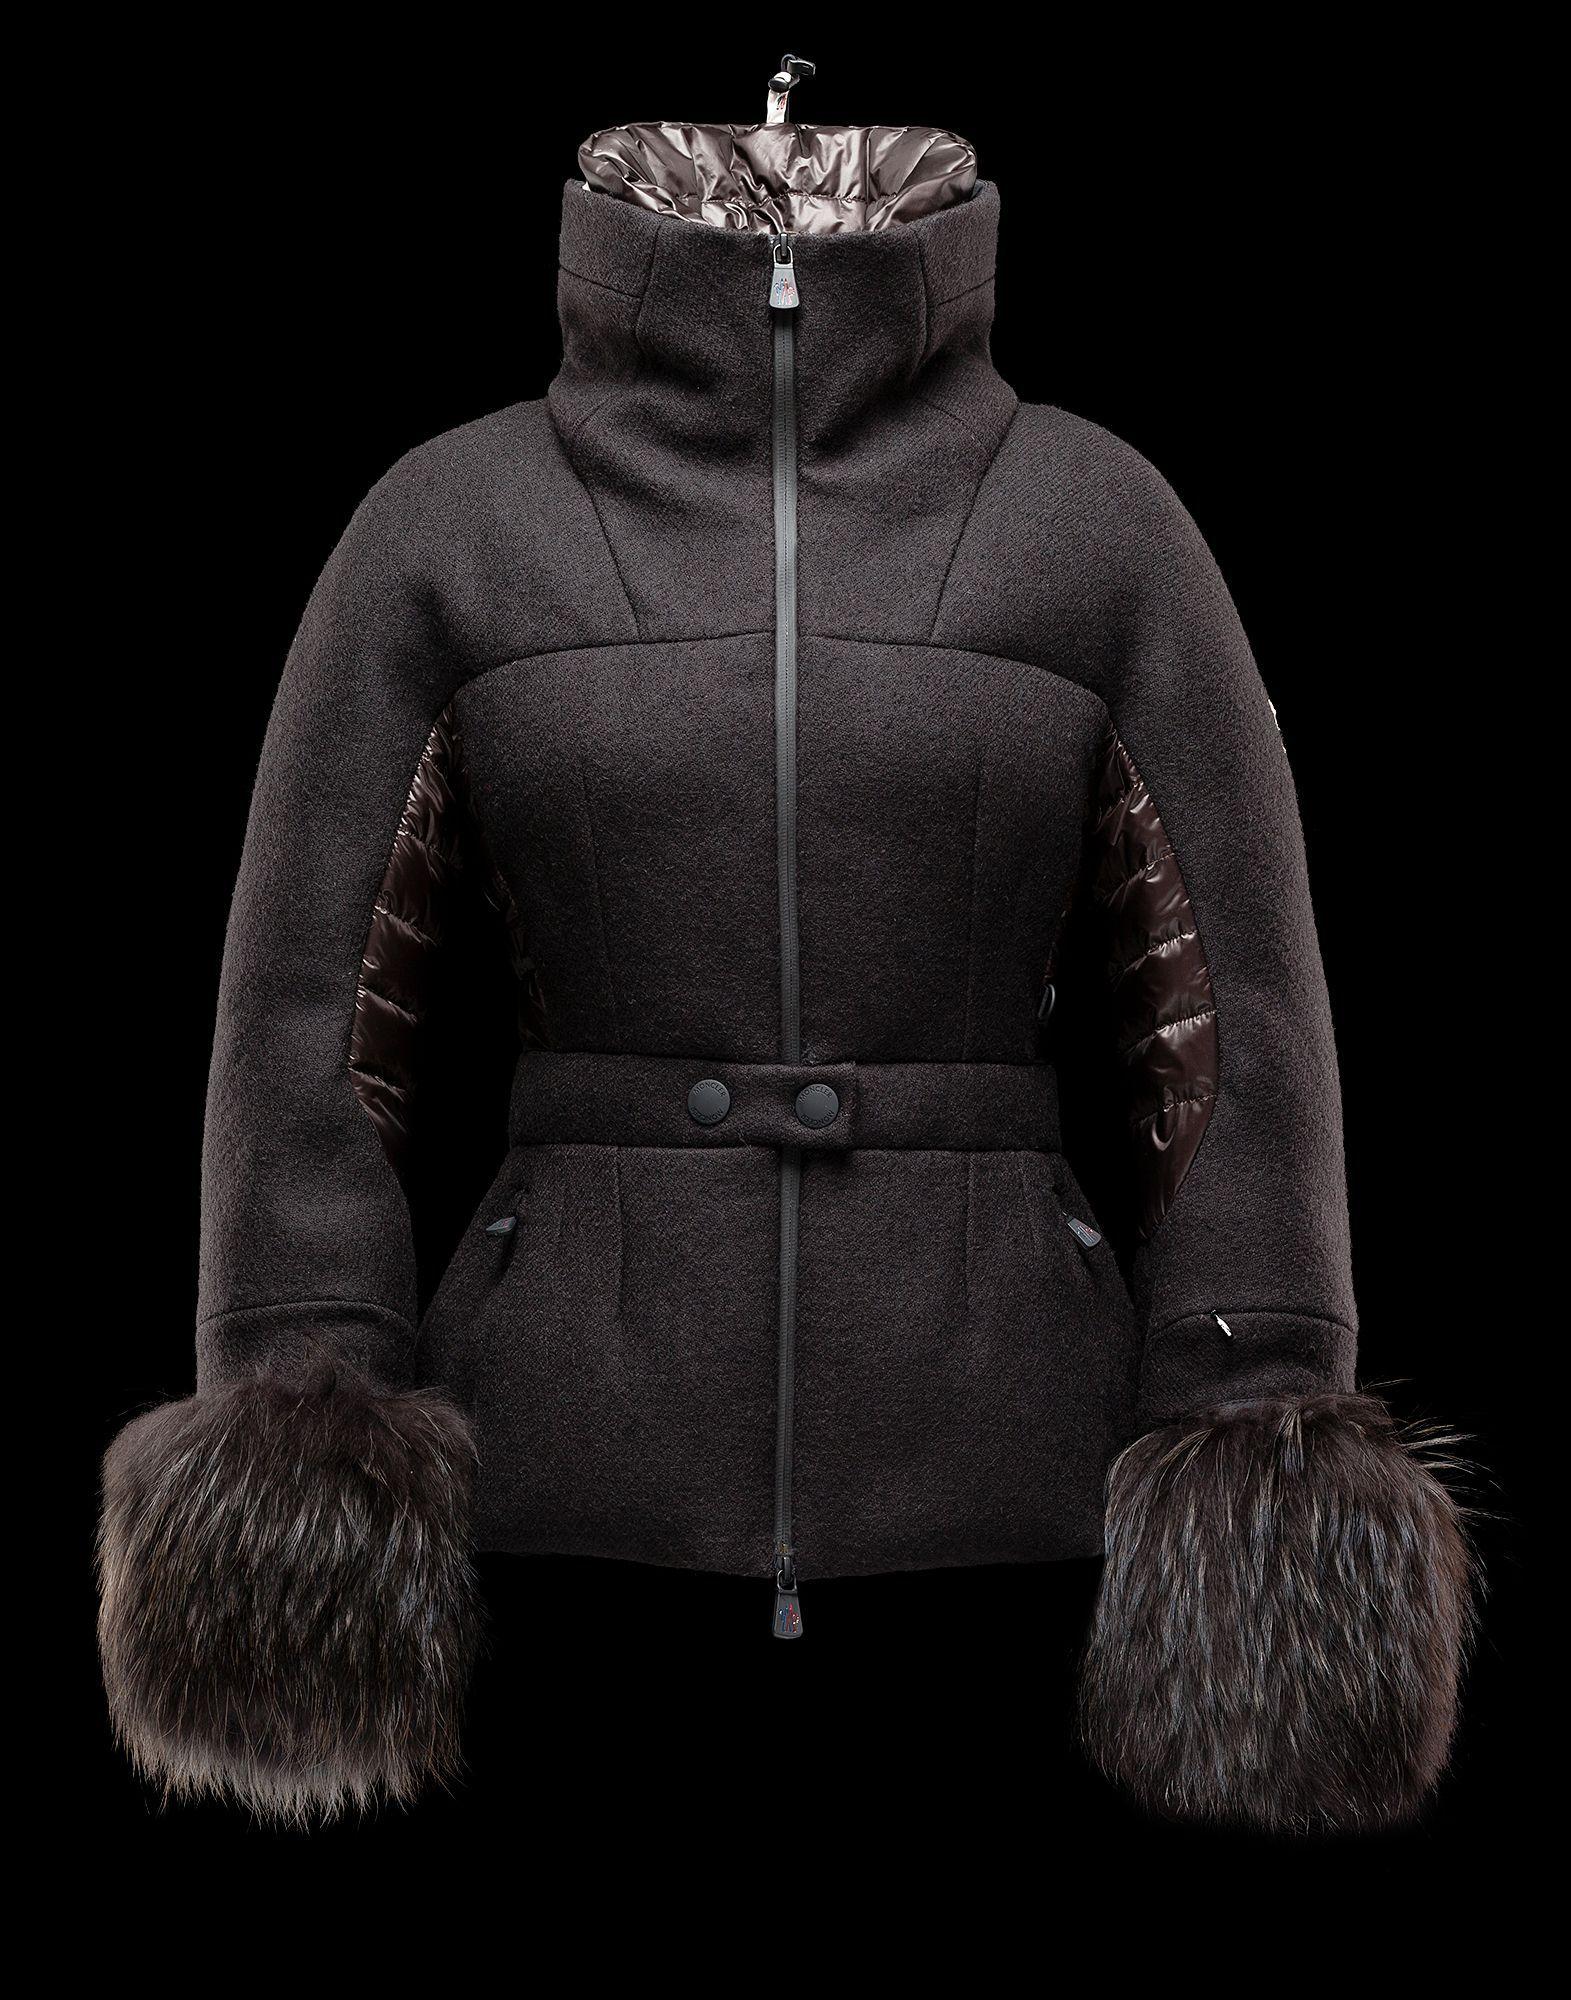 moncler collezione inverno 2015